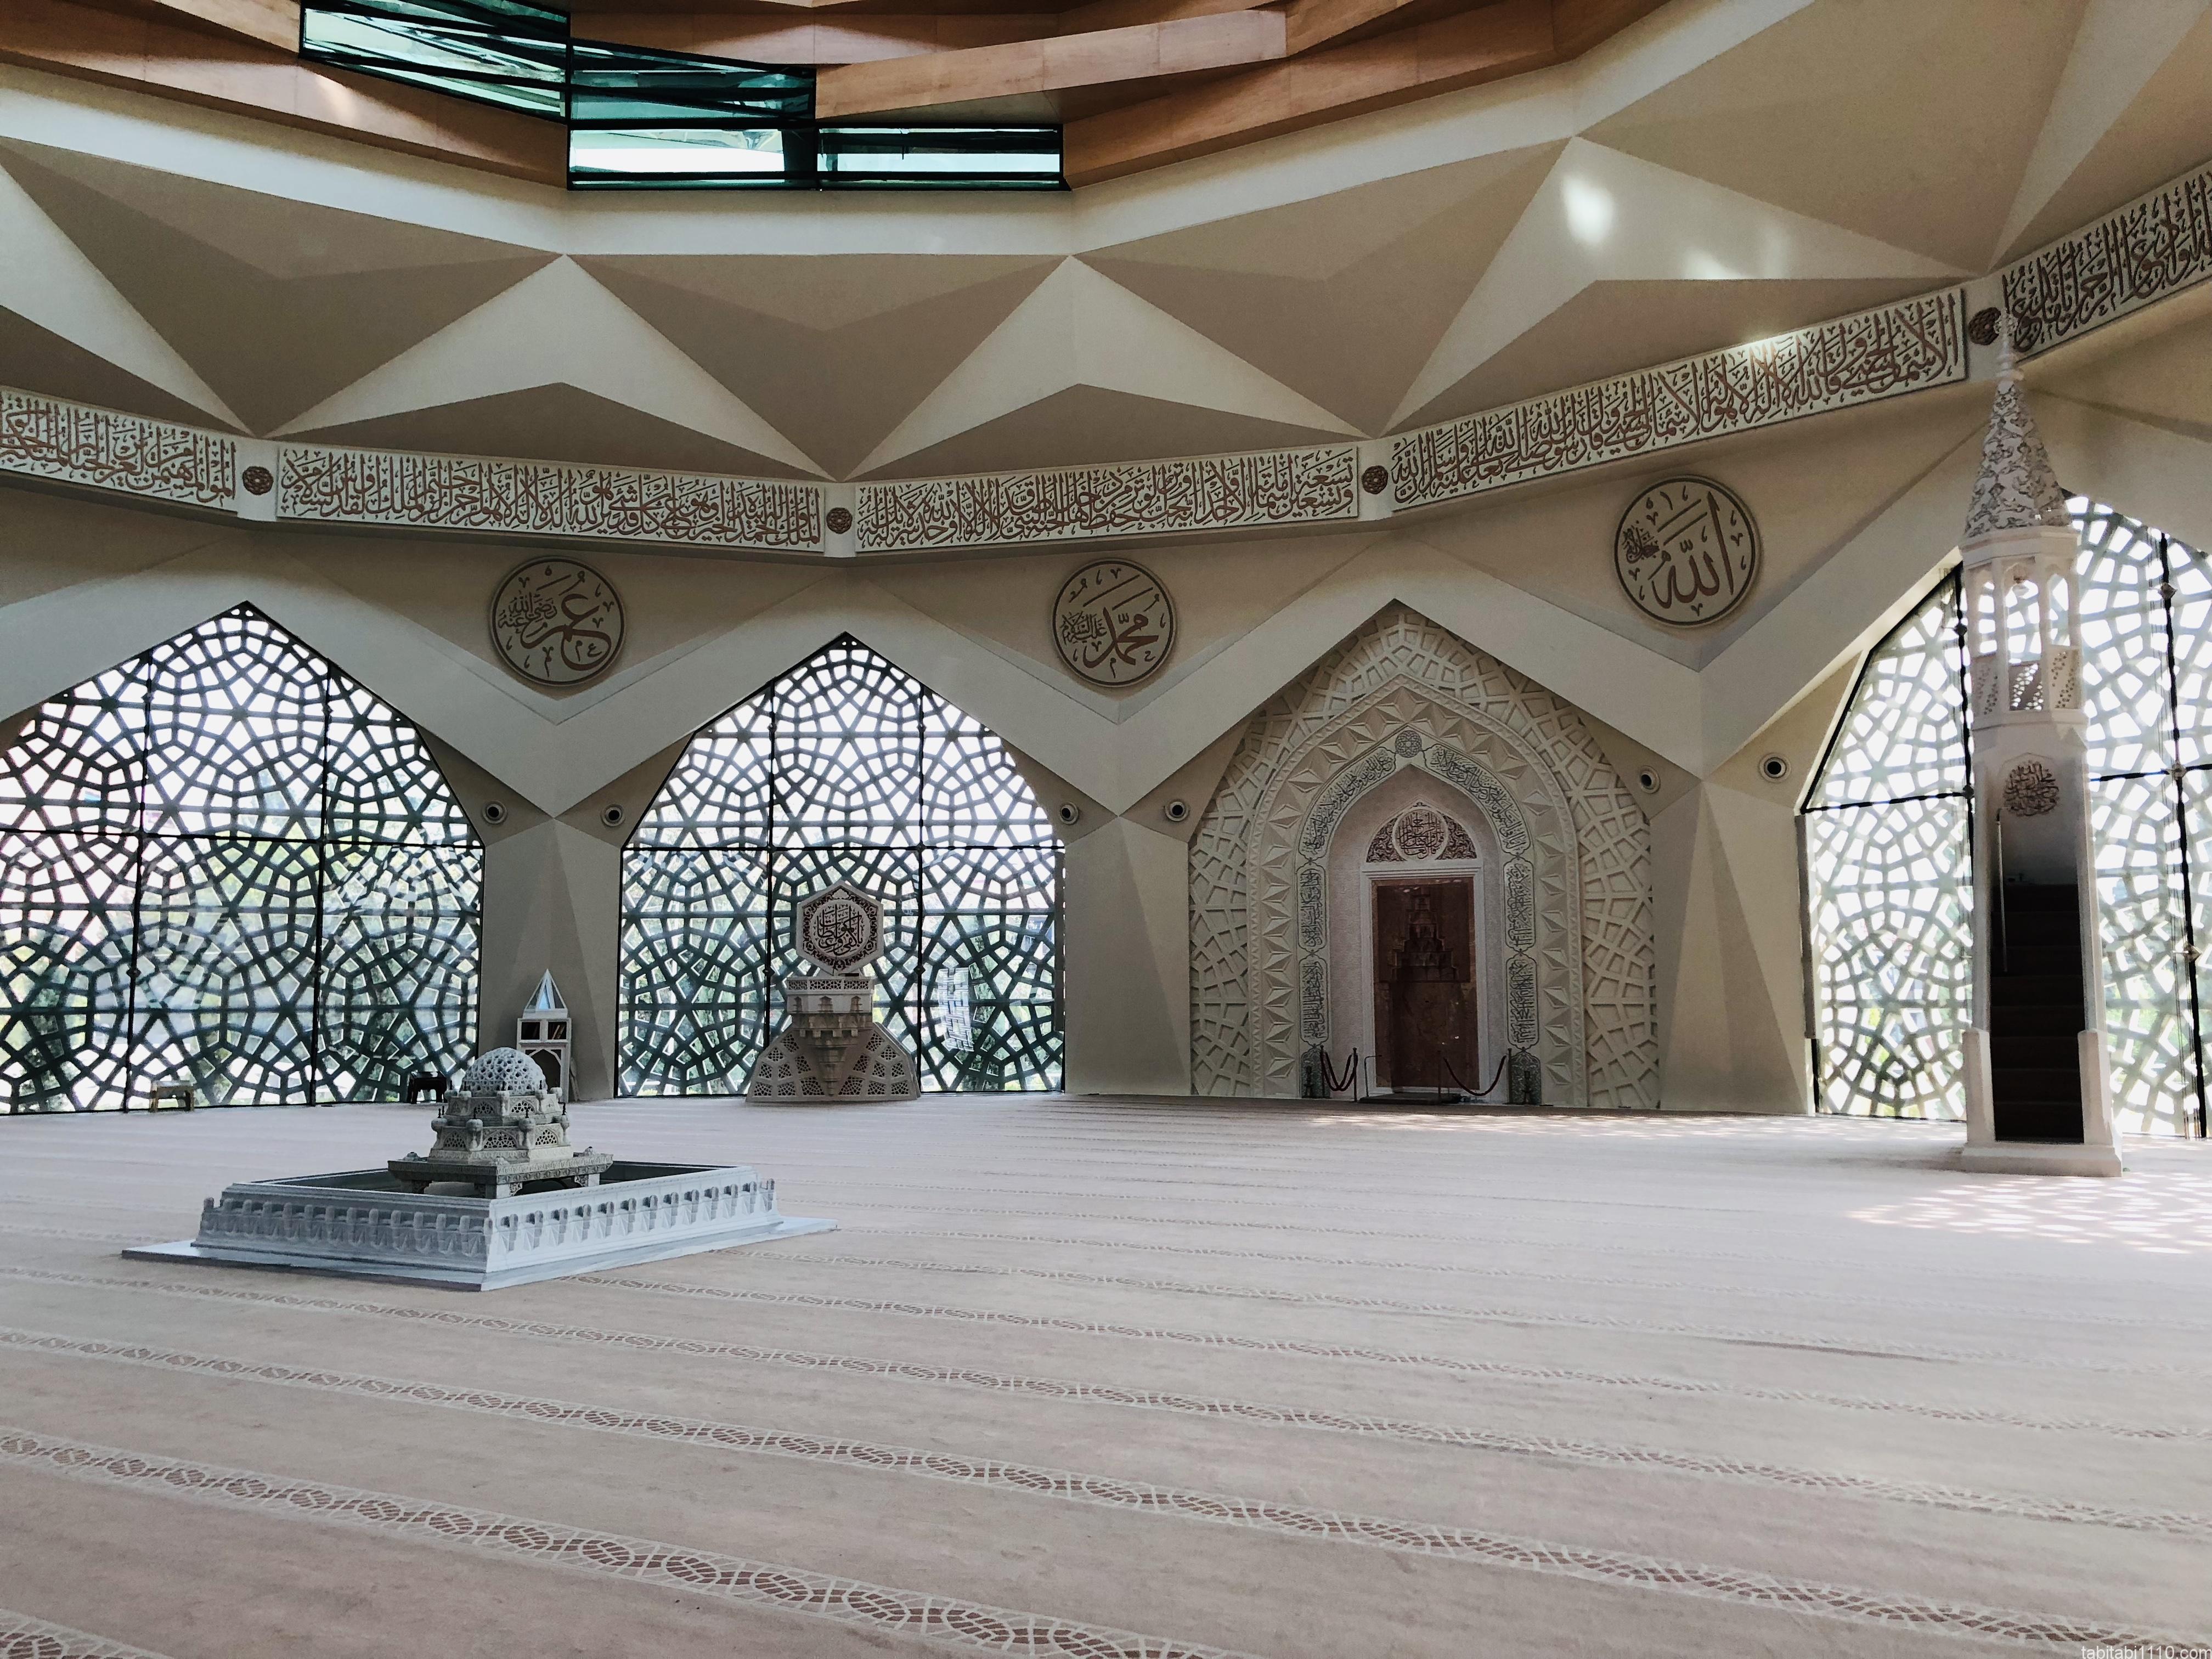 イスタンブール|アジア側モスク内装